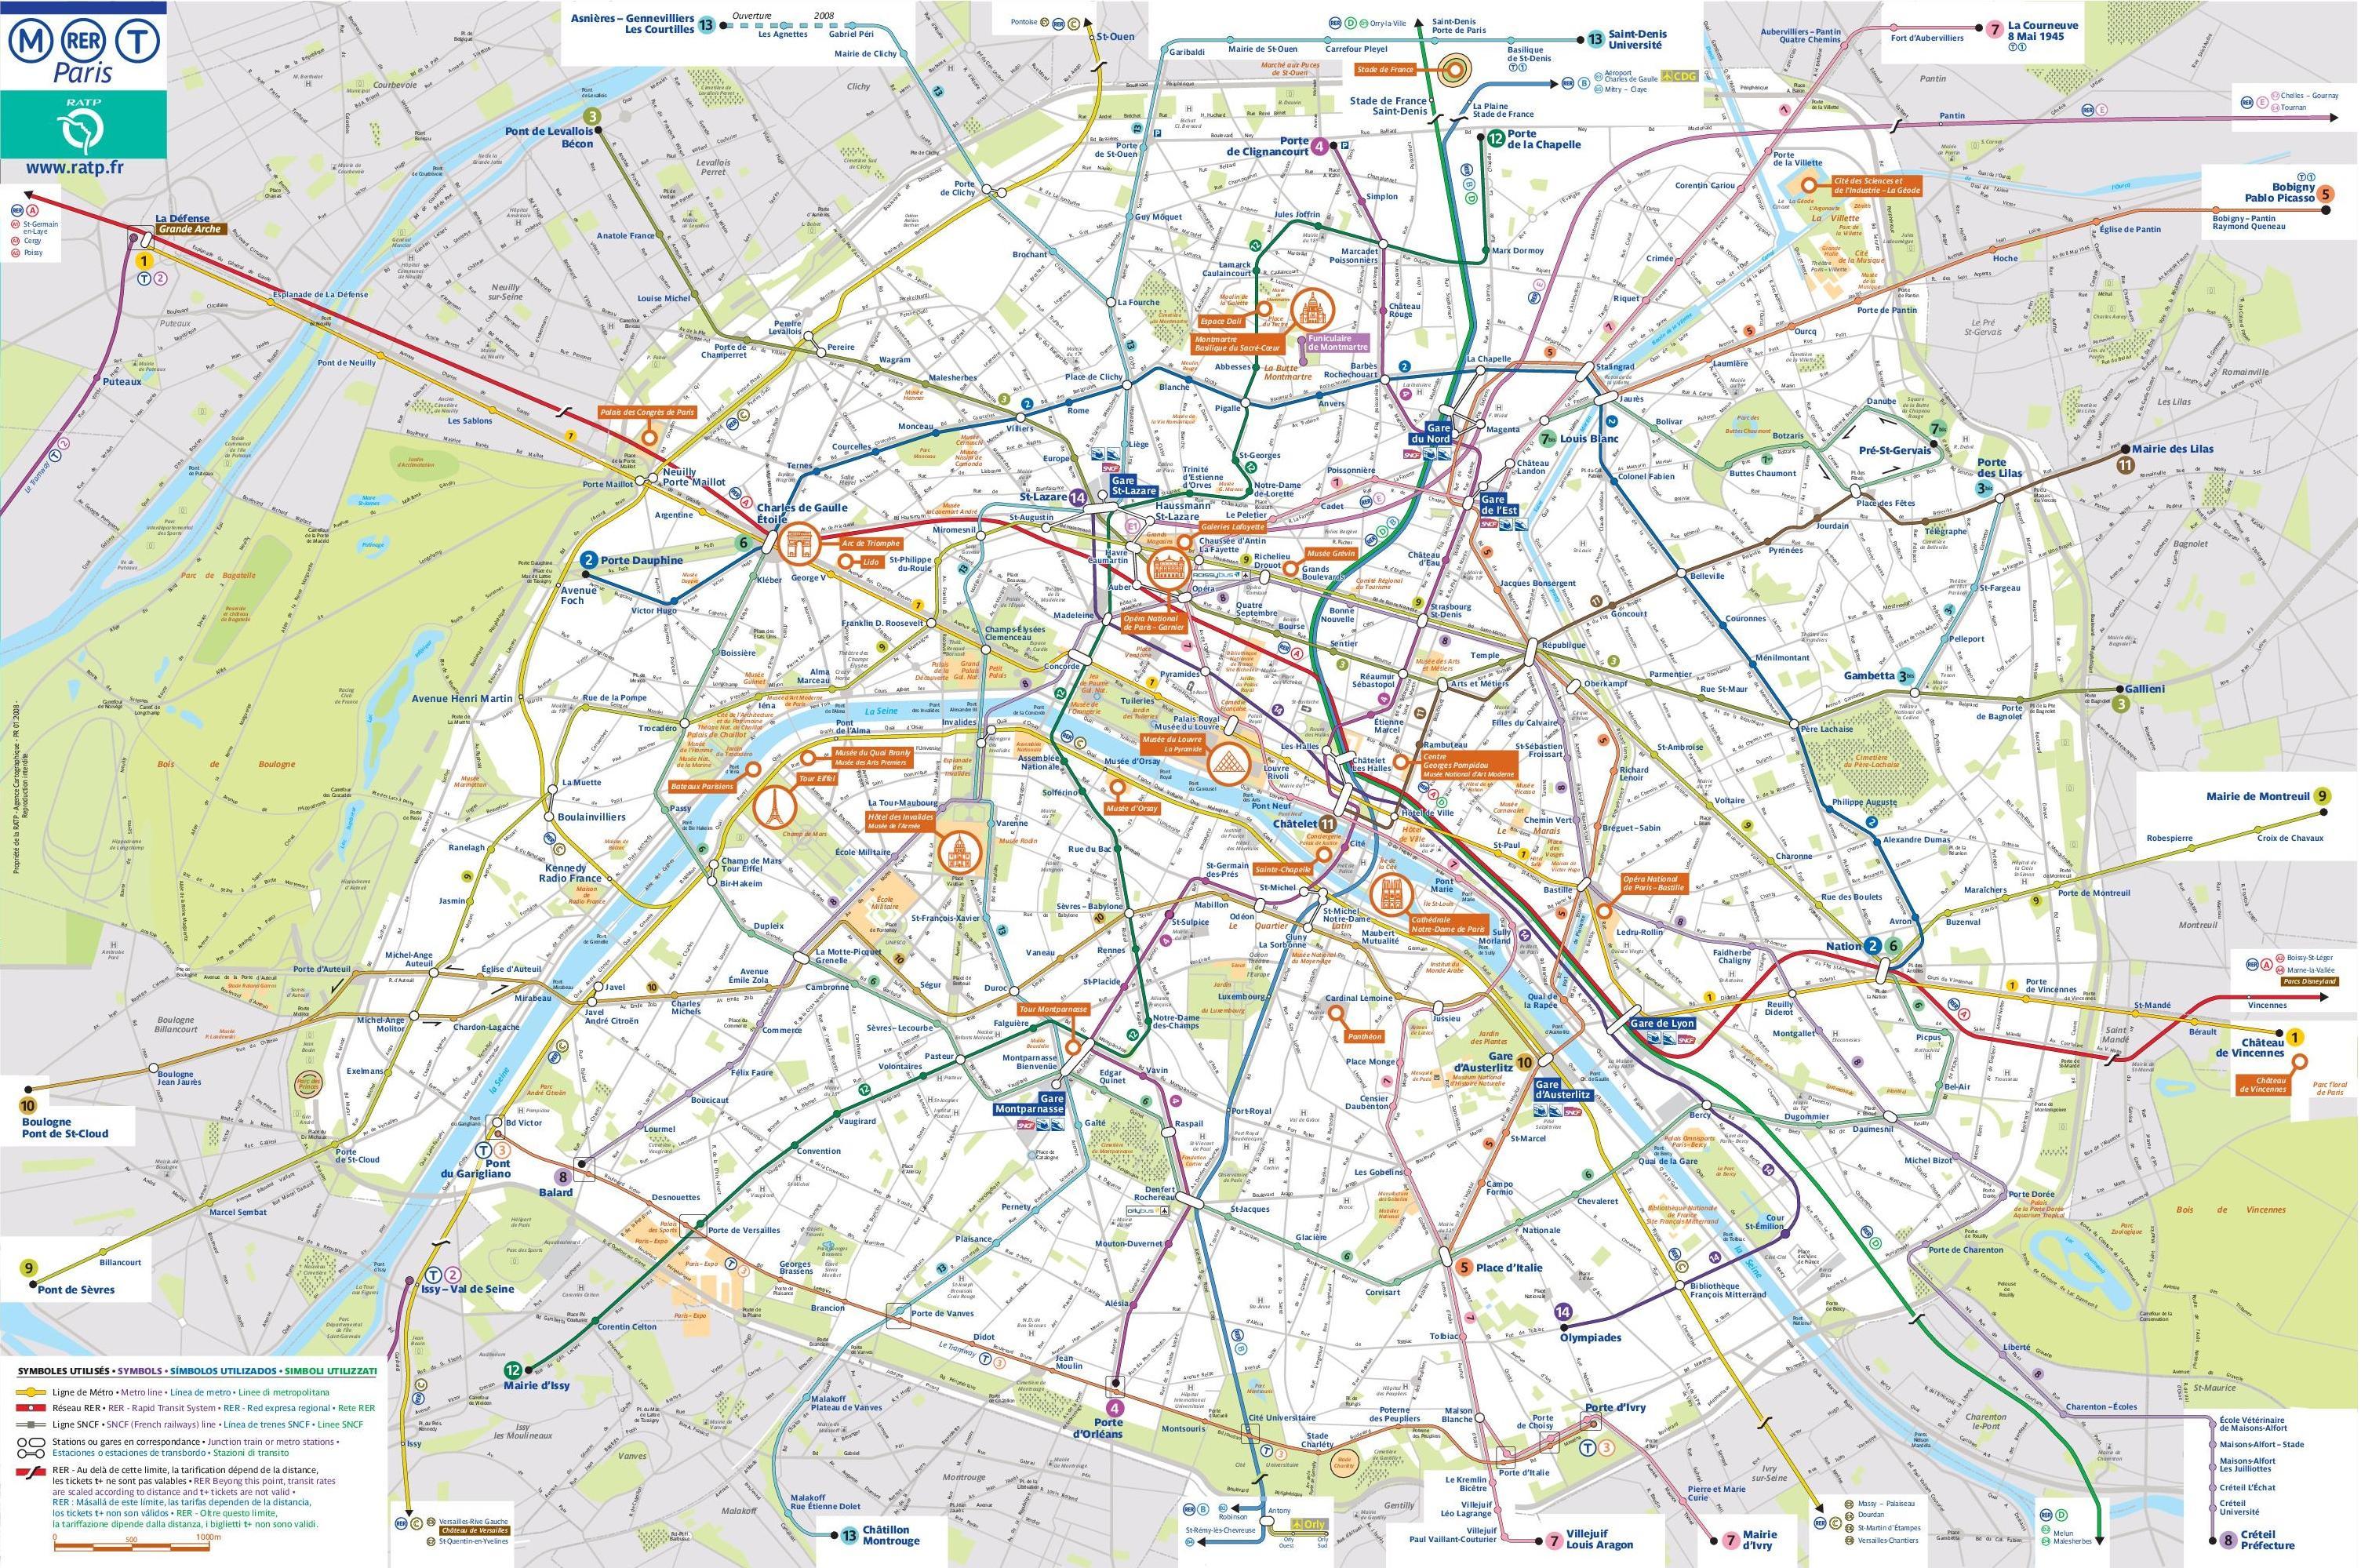 Cartina Mezzi Pubblici Parigi.Parigi Trasporto Mappa Di Parigi Mappa Dei Trasporti Pubblici Ile De France Francia